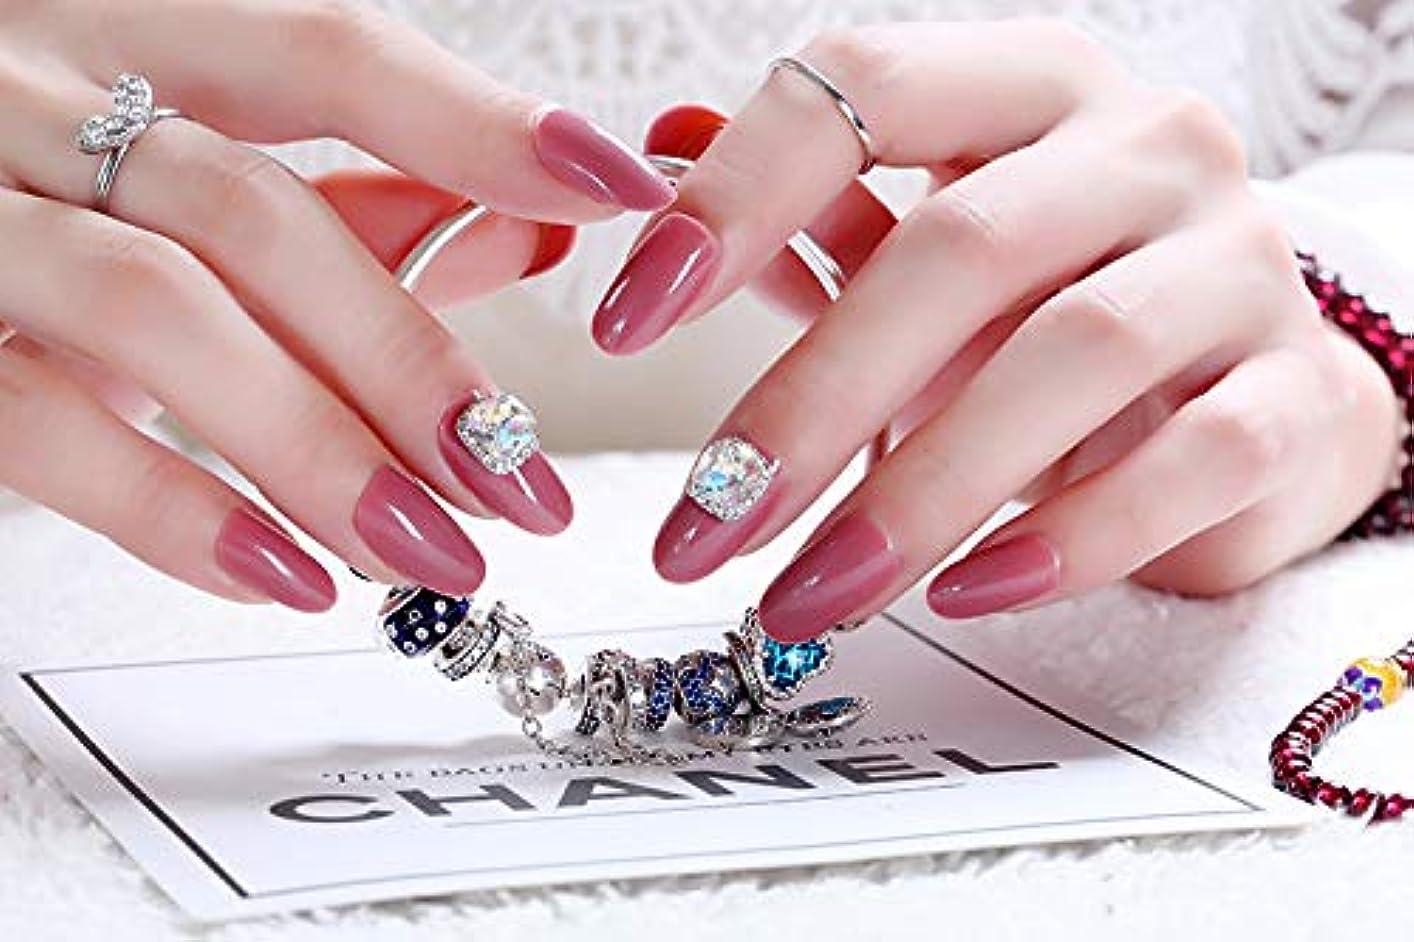 これら良さスキニーネイルアートを着用する 24枚入 高品質 ジュエリーインレイ 人工ダイヤモンド 輝く エレガント 中位の長さ 手作りネイルチップ ネイル花嫁 (あんこ)